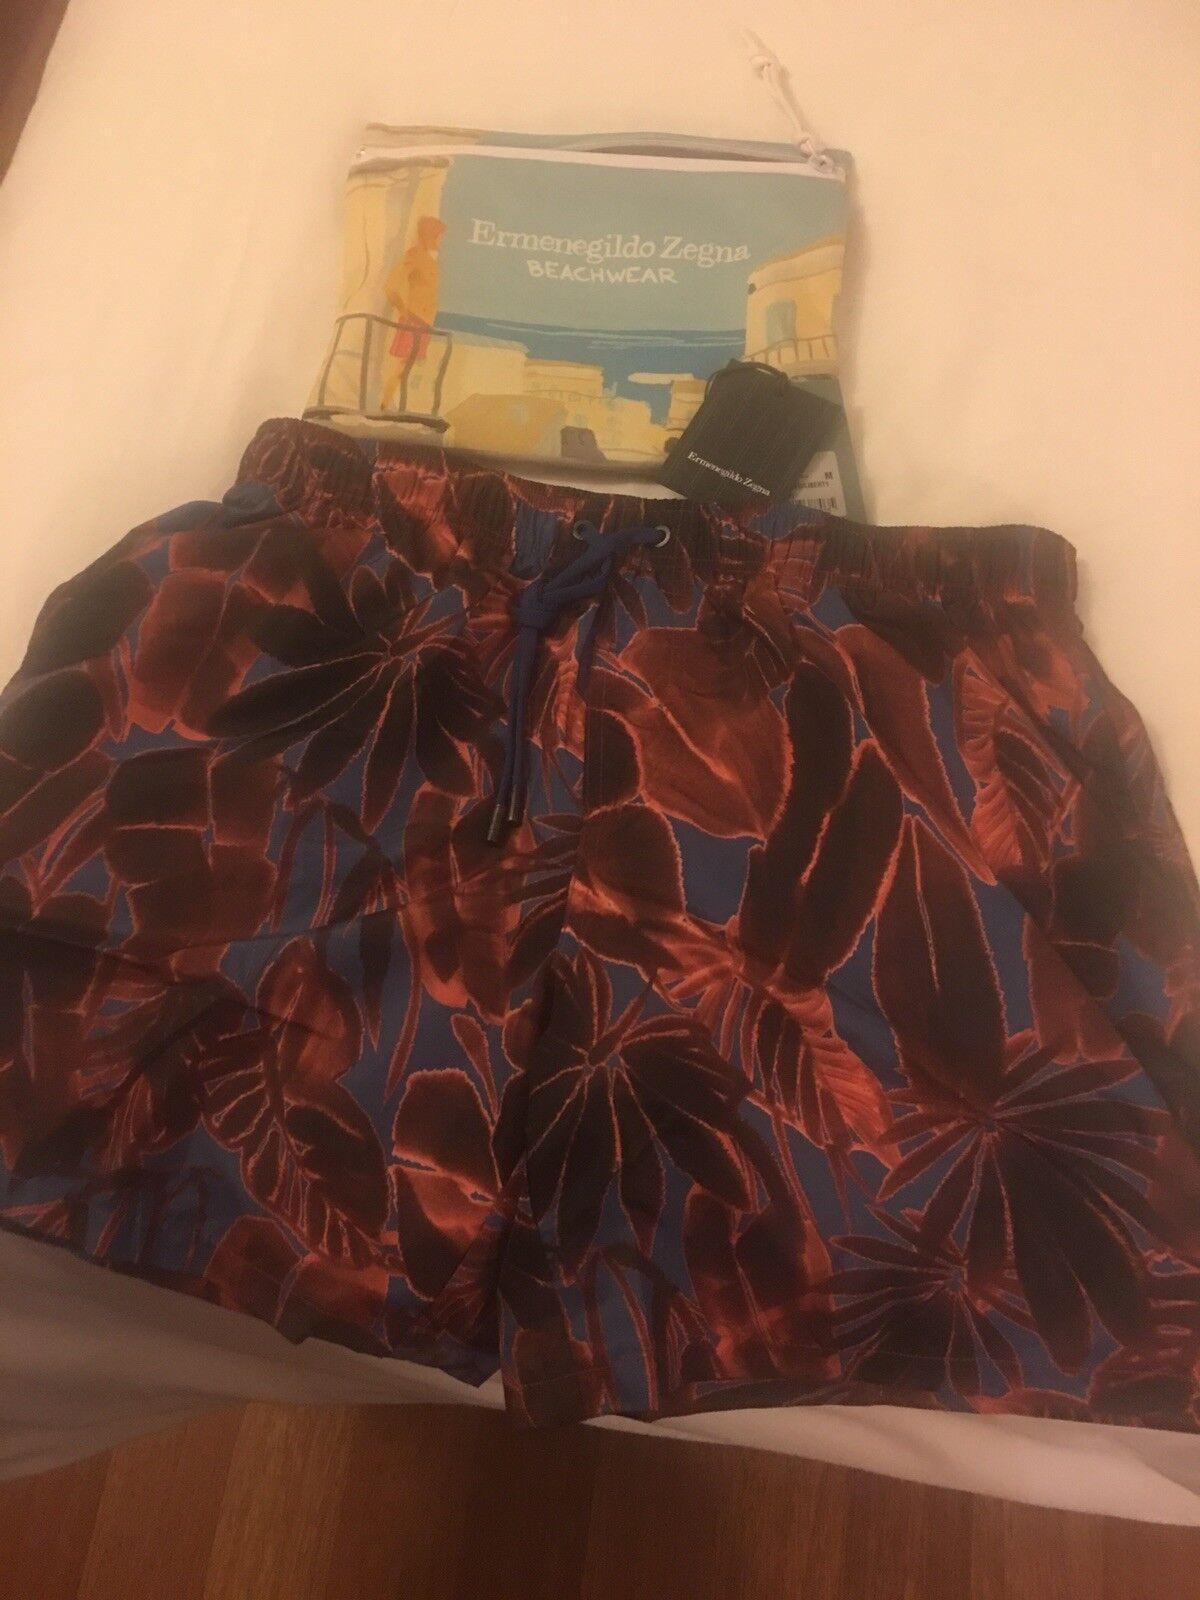 Ermenegildo Zegna SS18 Swim Opera Red Liberty Swimming Men's Shorts M BNWT